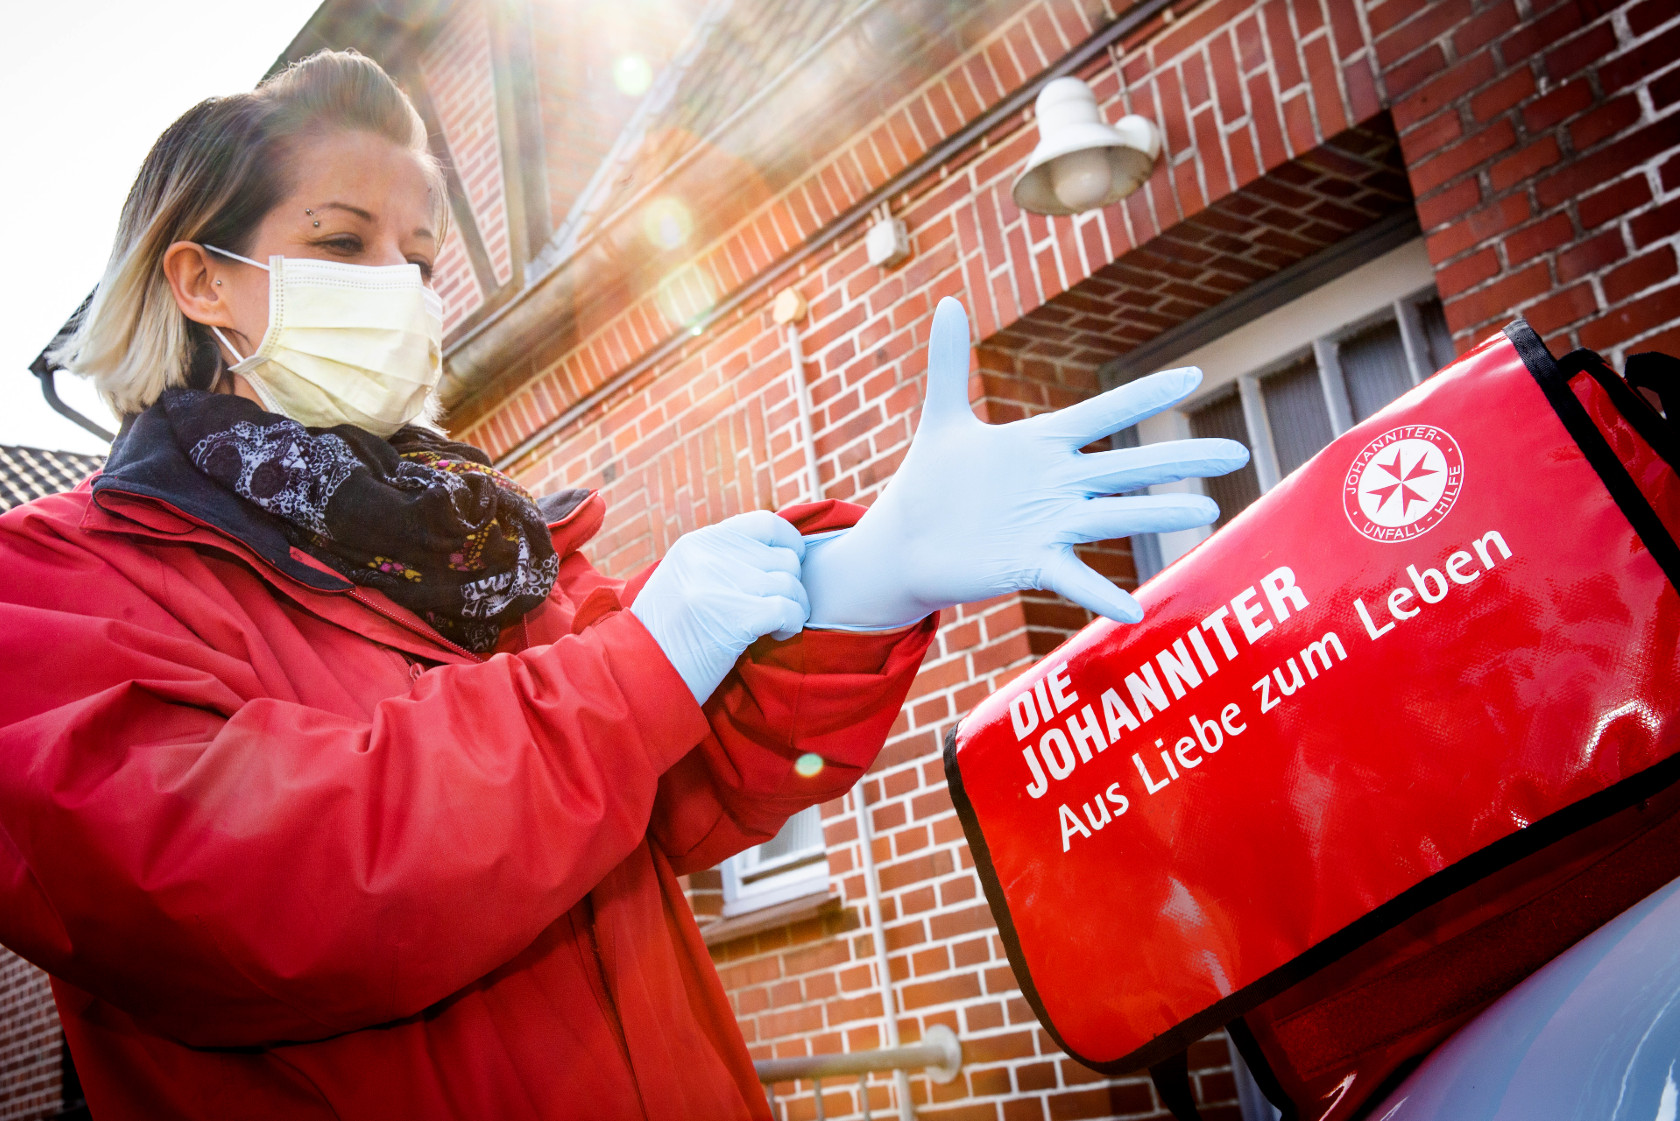 Eine Mitarbeiterin der Johanniter-Unfall-Hilfe legt sich Handschuhe und eine Atemmaske zum Schutz vor einer Corona-Infektion an.